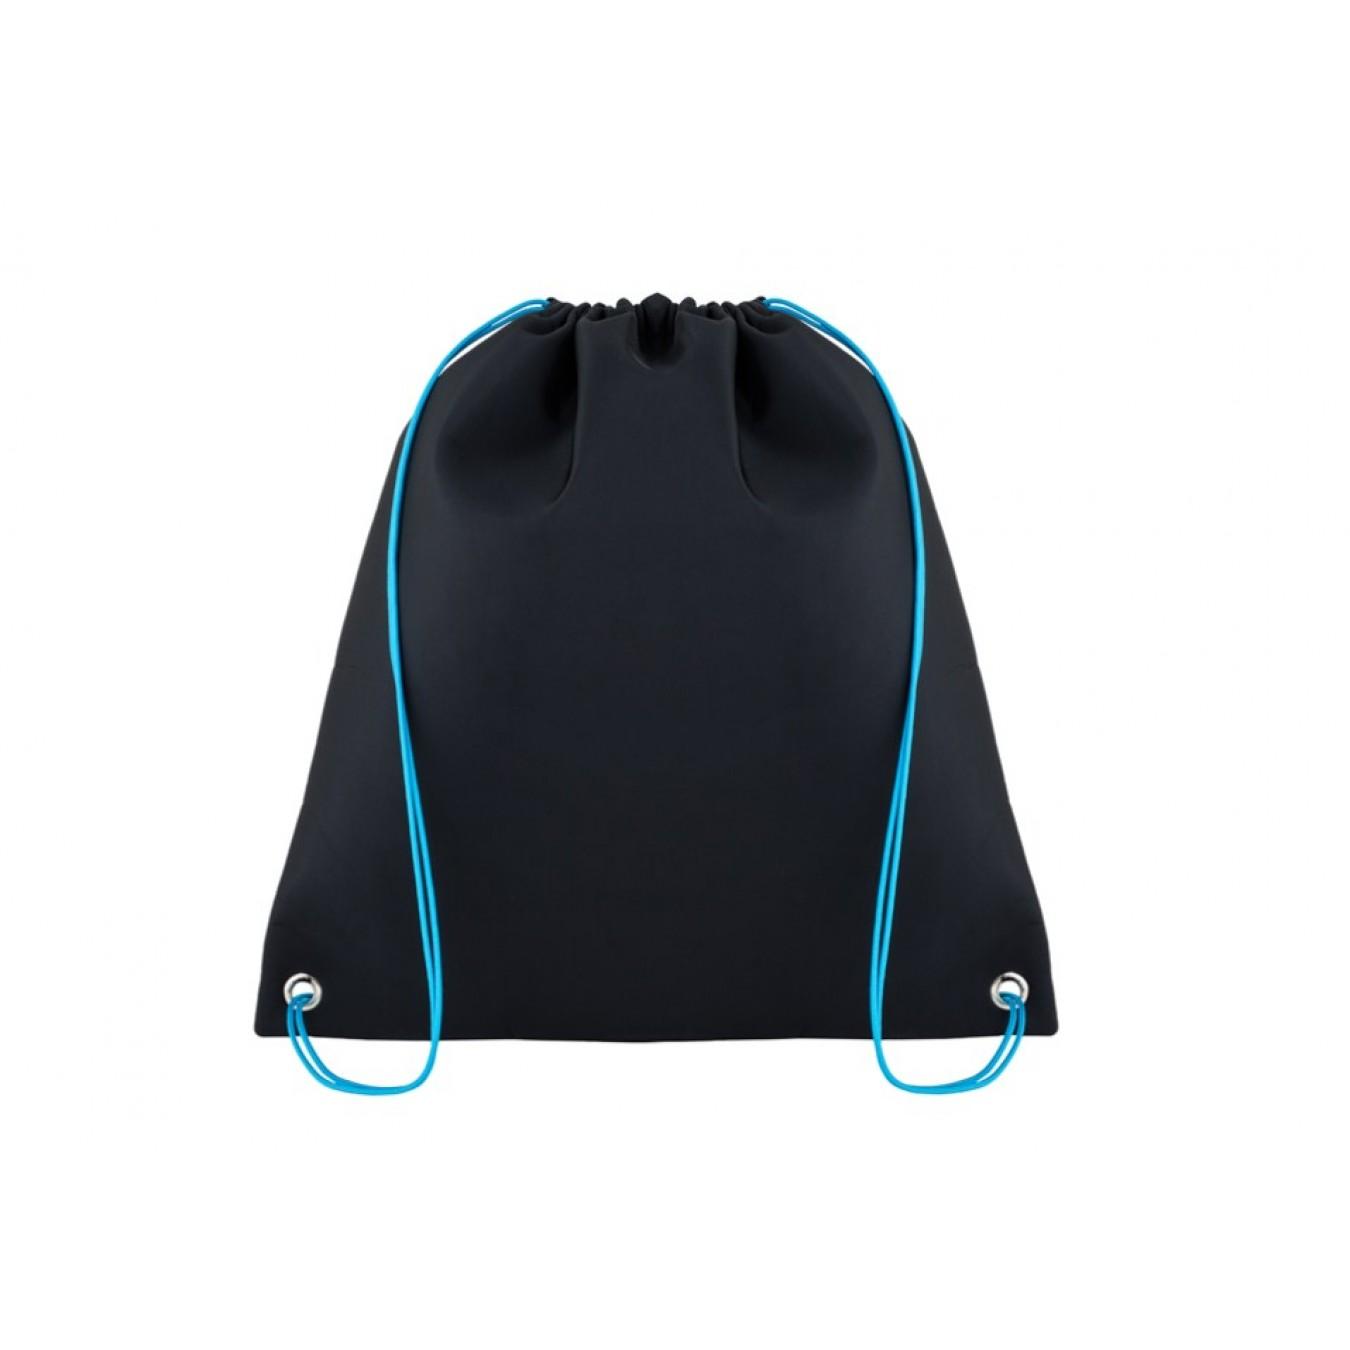 86b466a8fd ... Vespa τσάντα κράνους V-Stripes Τσάντες   Σακίδια   Βαλίτσες